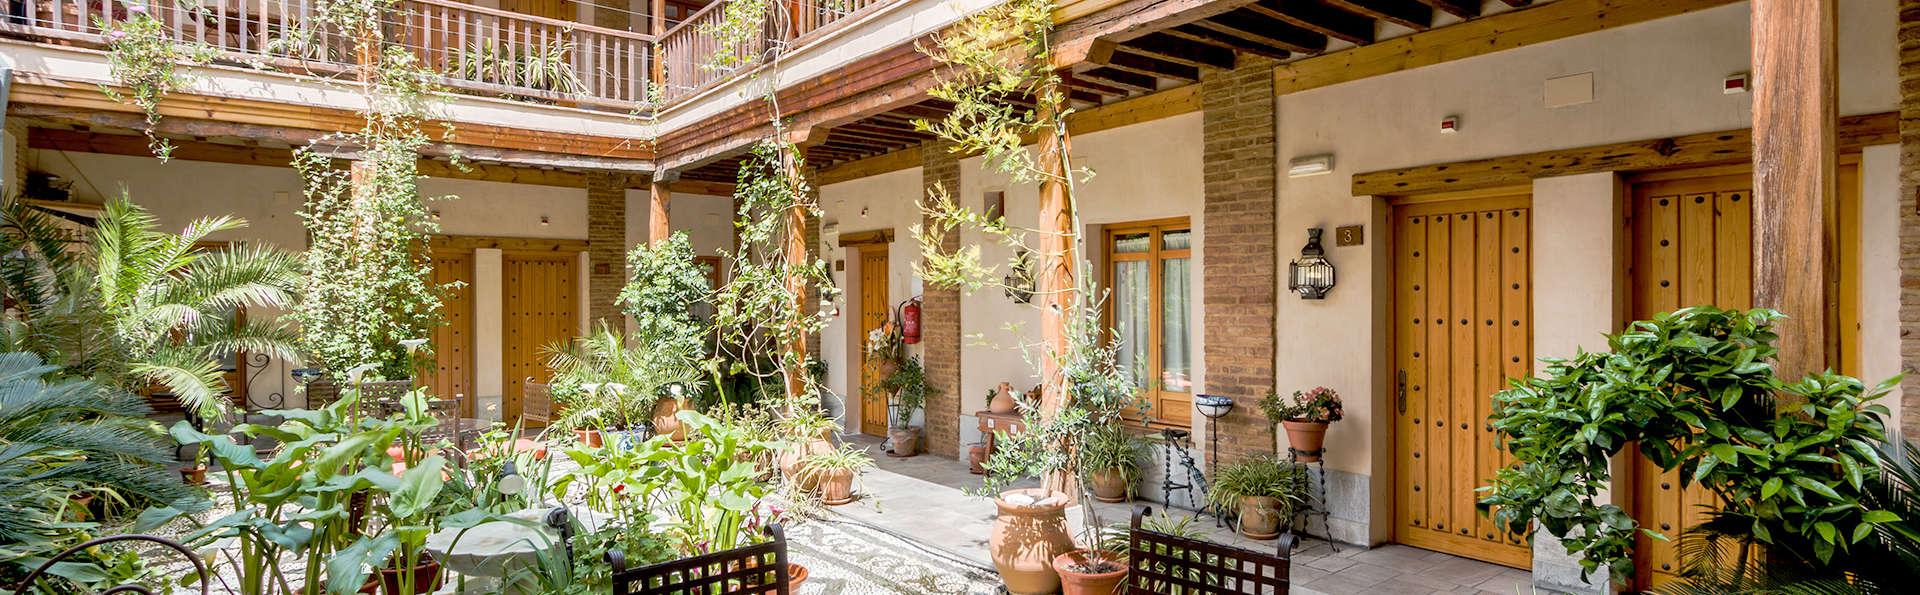 Descubre el encanto de Granada con botella de cava incluida